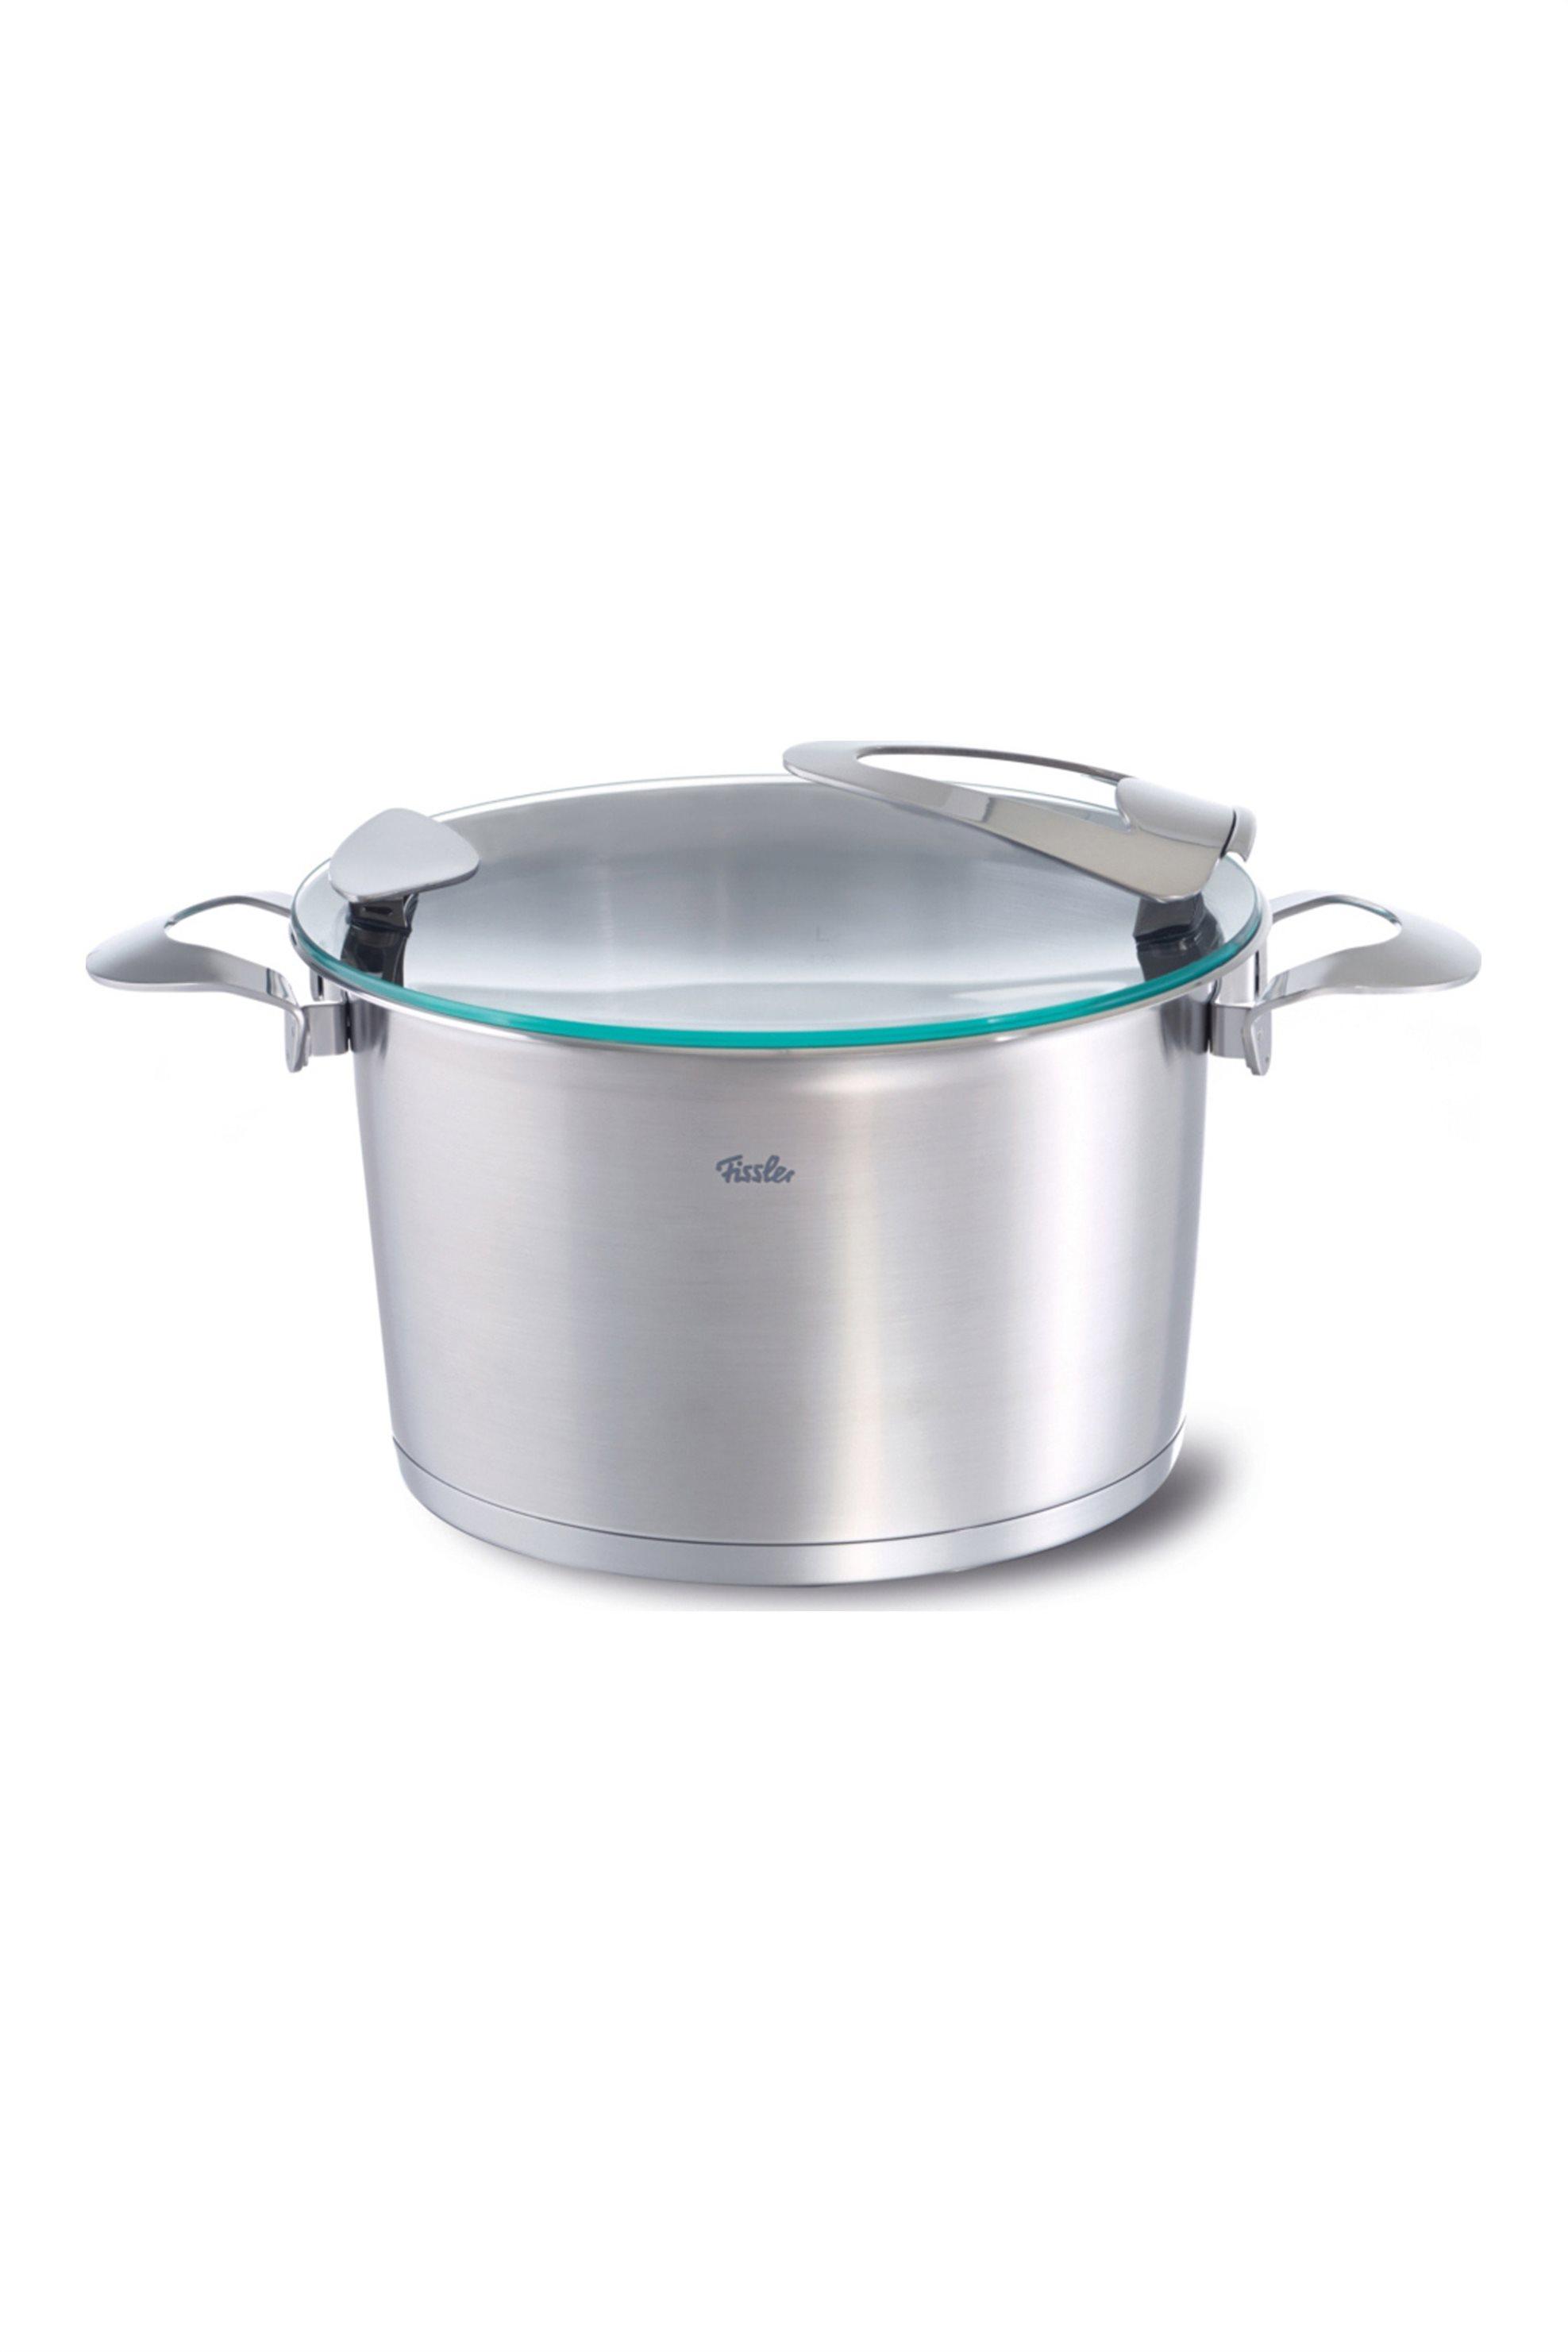 Μαρμίτα 24εκ Solea Fissler - 1610024 home   κουζινα   μαγειρικά σκεύη